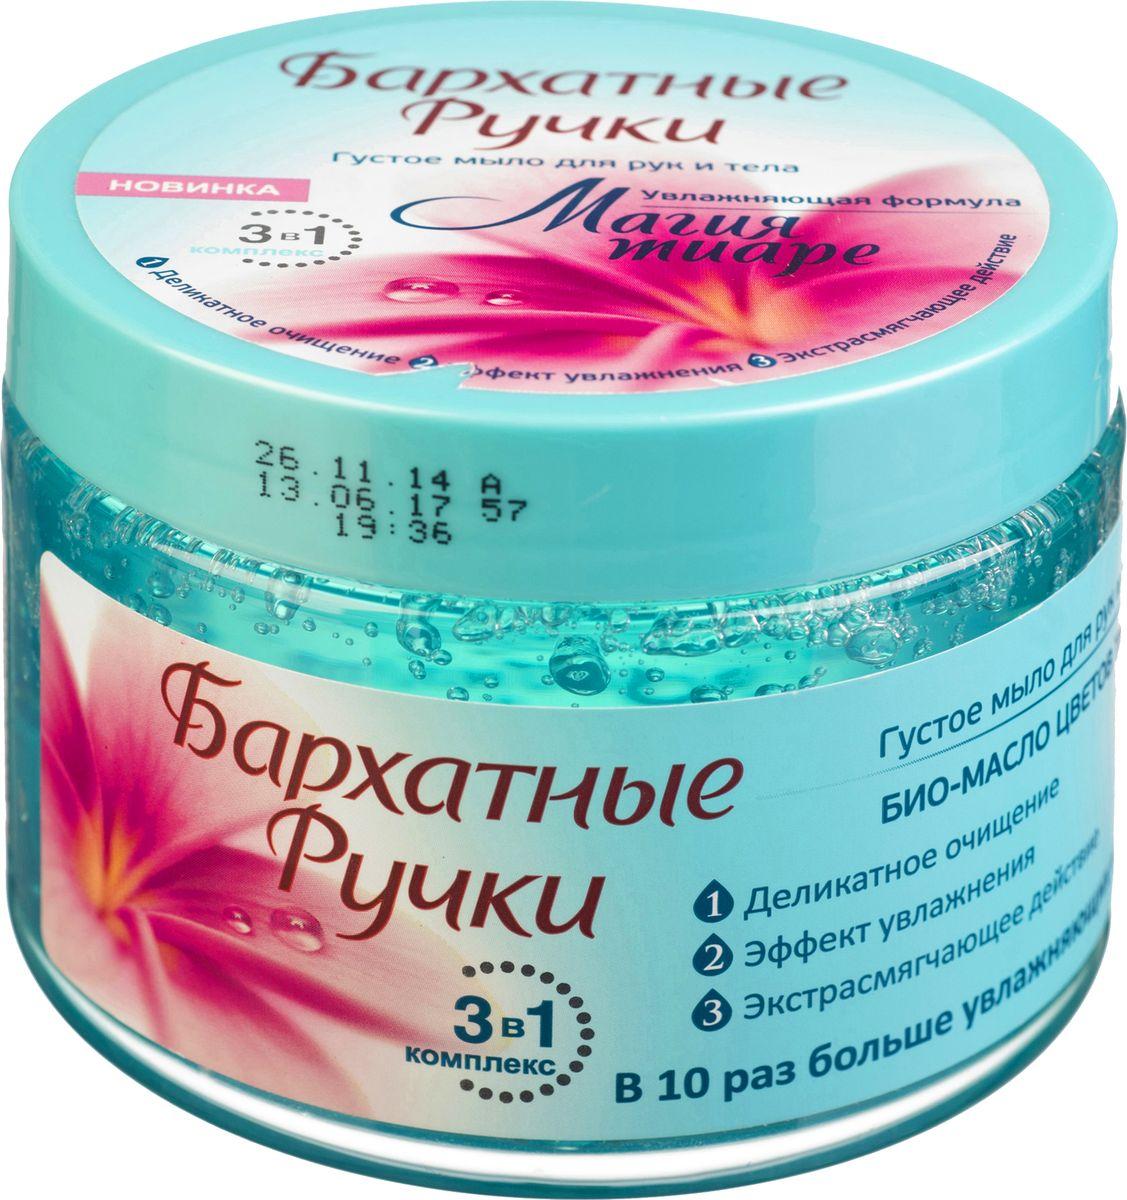 Бархатные Ручки Густое мыло Магия тиаре 400 млSatin Hair 7 BR730MNНежное густое мыло с освежающим ароматом деликатно очищает и оживляет сухую обезвоженную кожу. Мягкая ухаживающая формула содержит в 10 раз больше увлажняющих компонентов чем обычное мыло*, обеспечивает экстрасмягчающее действие и дарит непревзойденную нежность прикосновения.1. Деликатное очищение2. Эффект увлажнения3. Экстрасмягчающее действие*Указанные свойства подтверждены потребительским тестированием, 39 женщин, Россия, 2014 гОказывает экстрасмягчающее действие в комплексе с кремом для рук Бархатные ручки Магия тиаре.*По сравнению с жидким мылом для рук ООО Концерн Калина